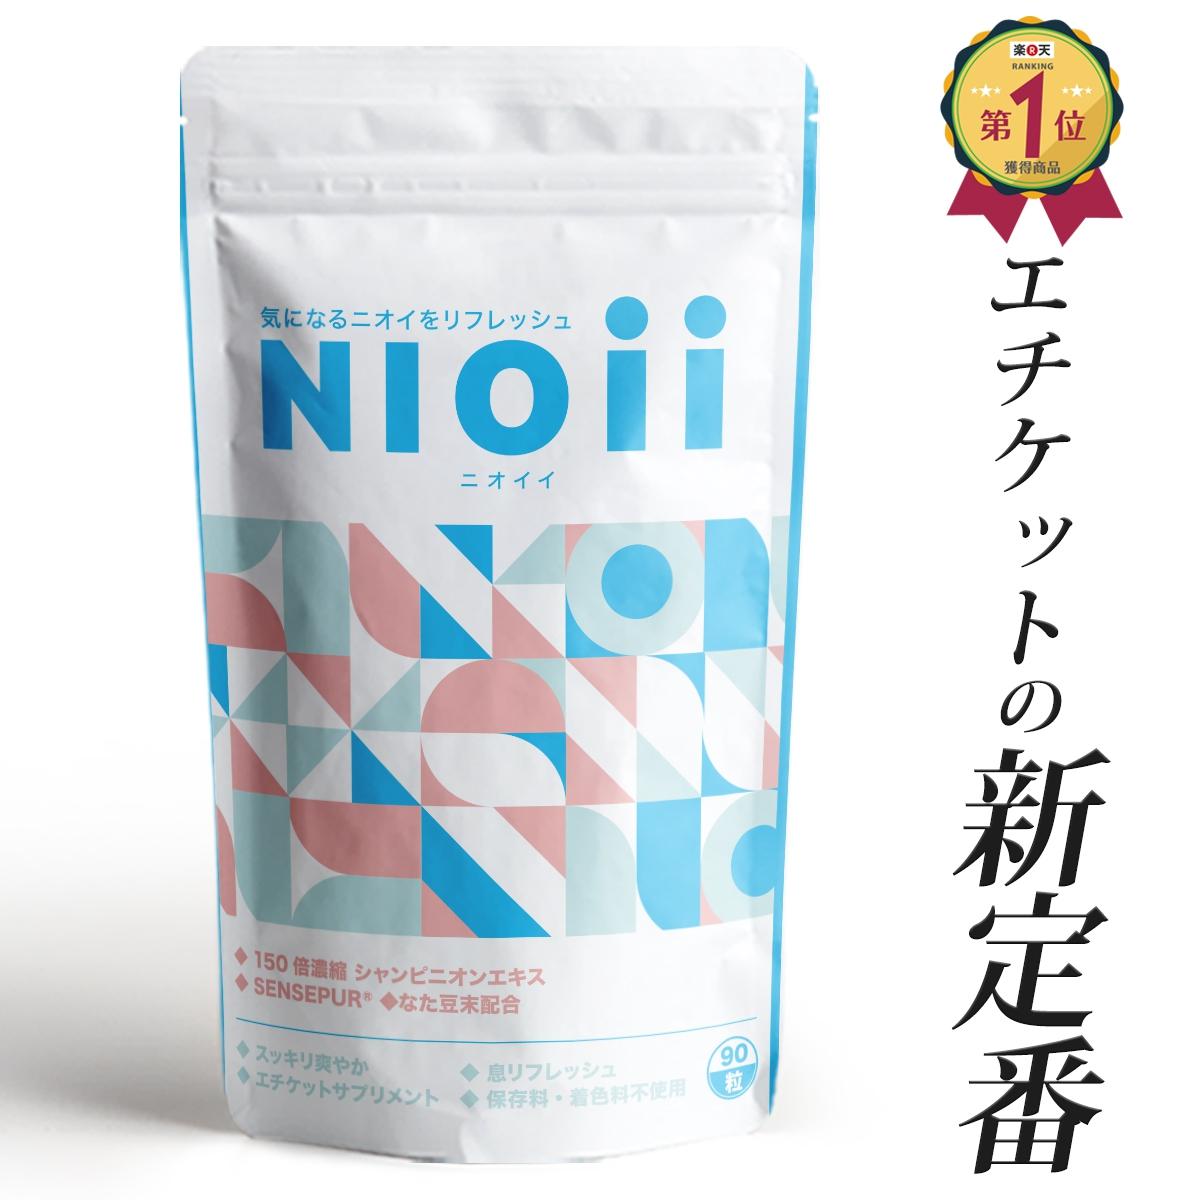 Mujina(ムジナ) NIOii ニオイイの商品画像